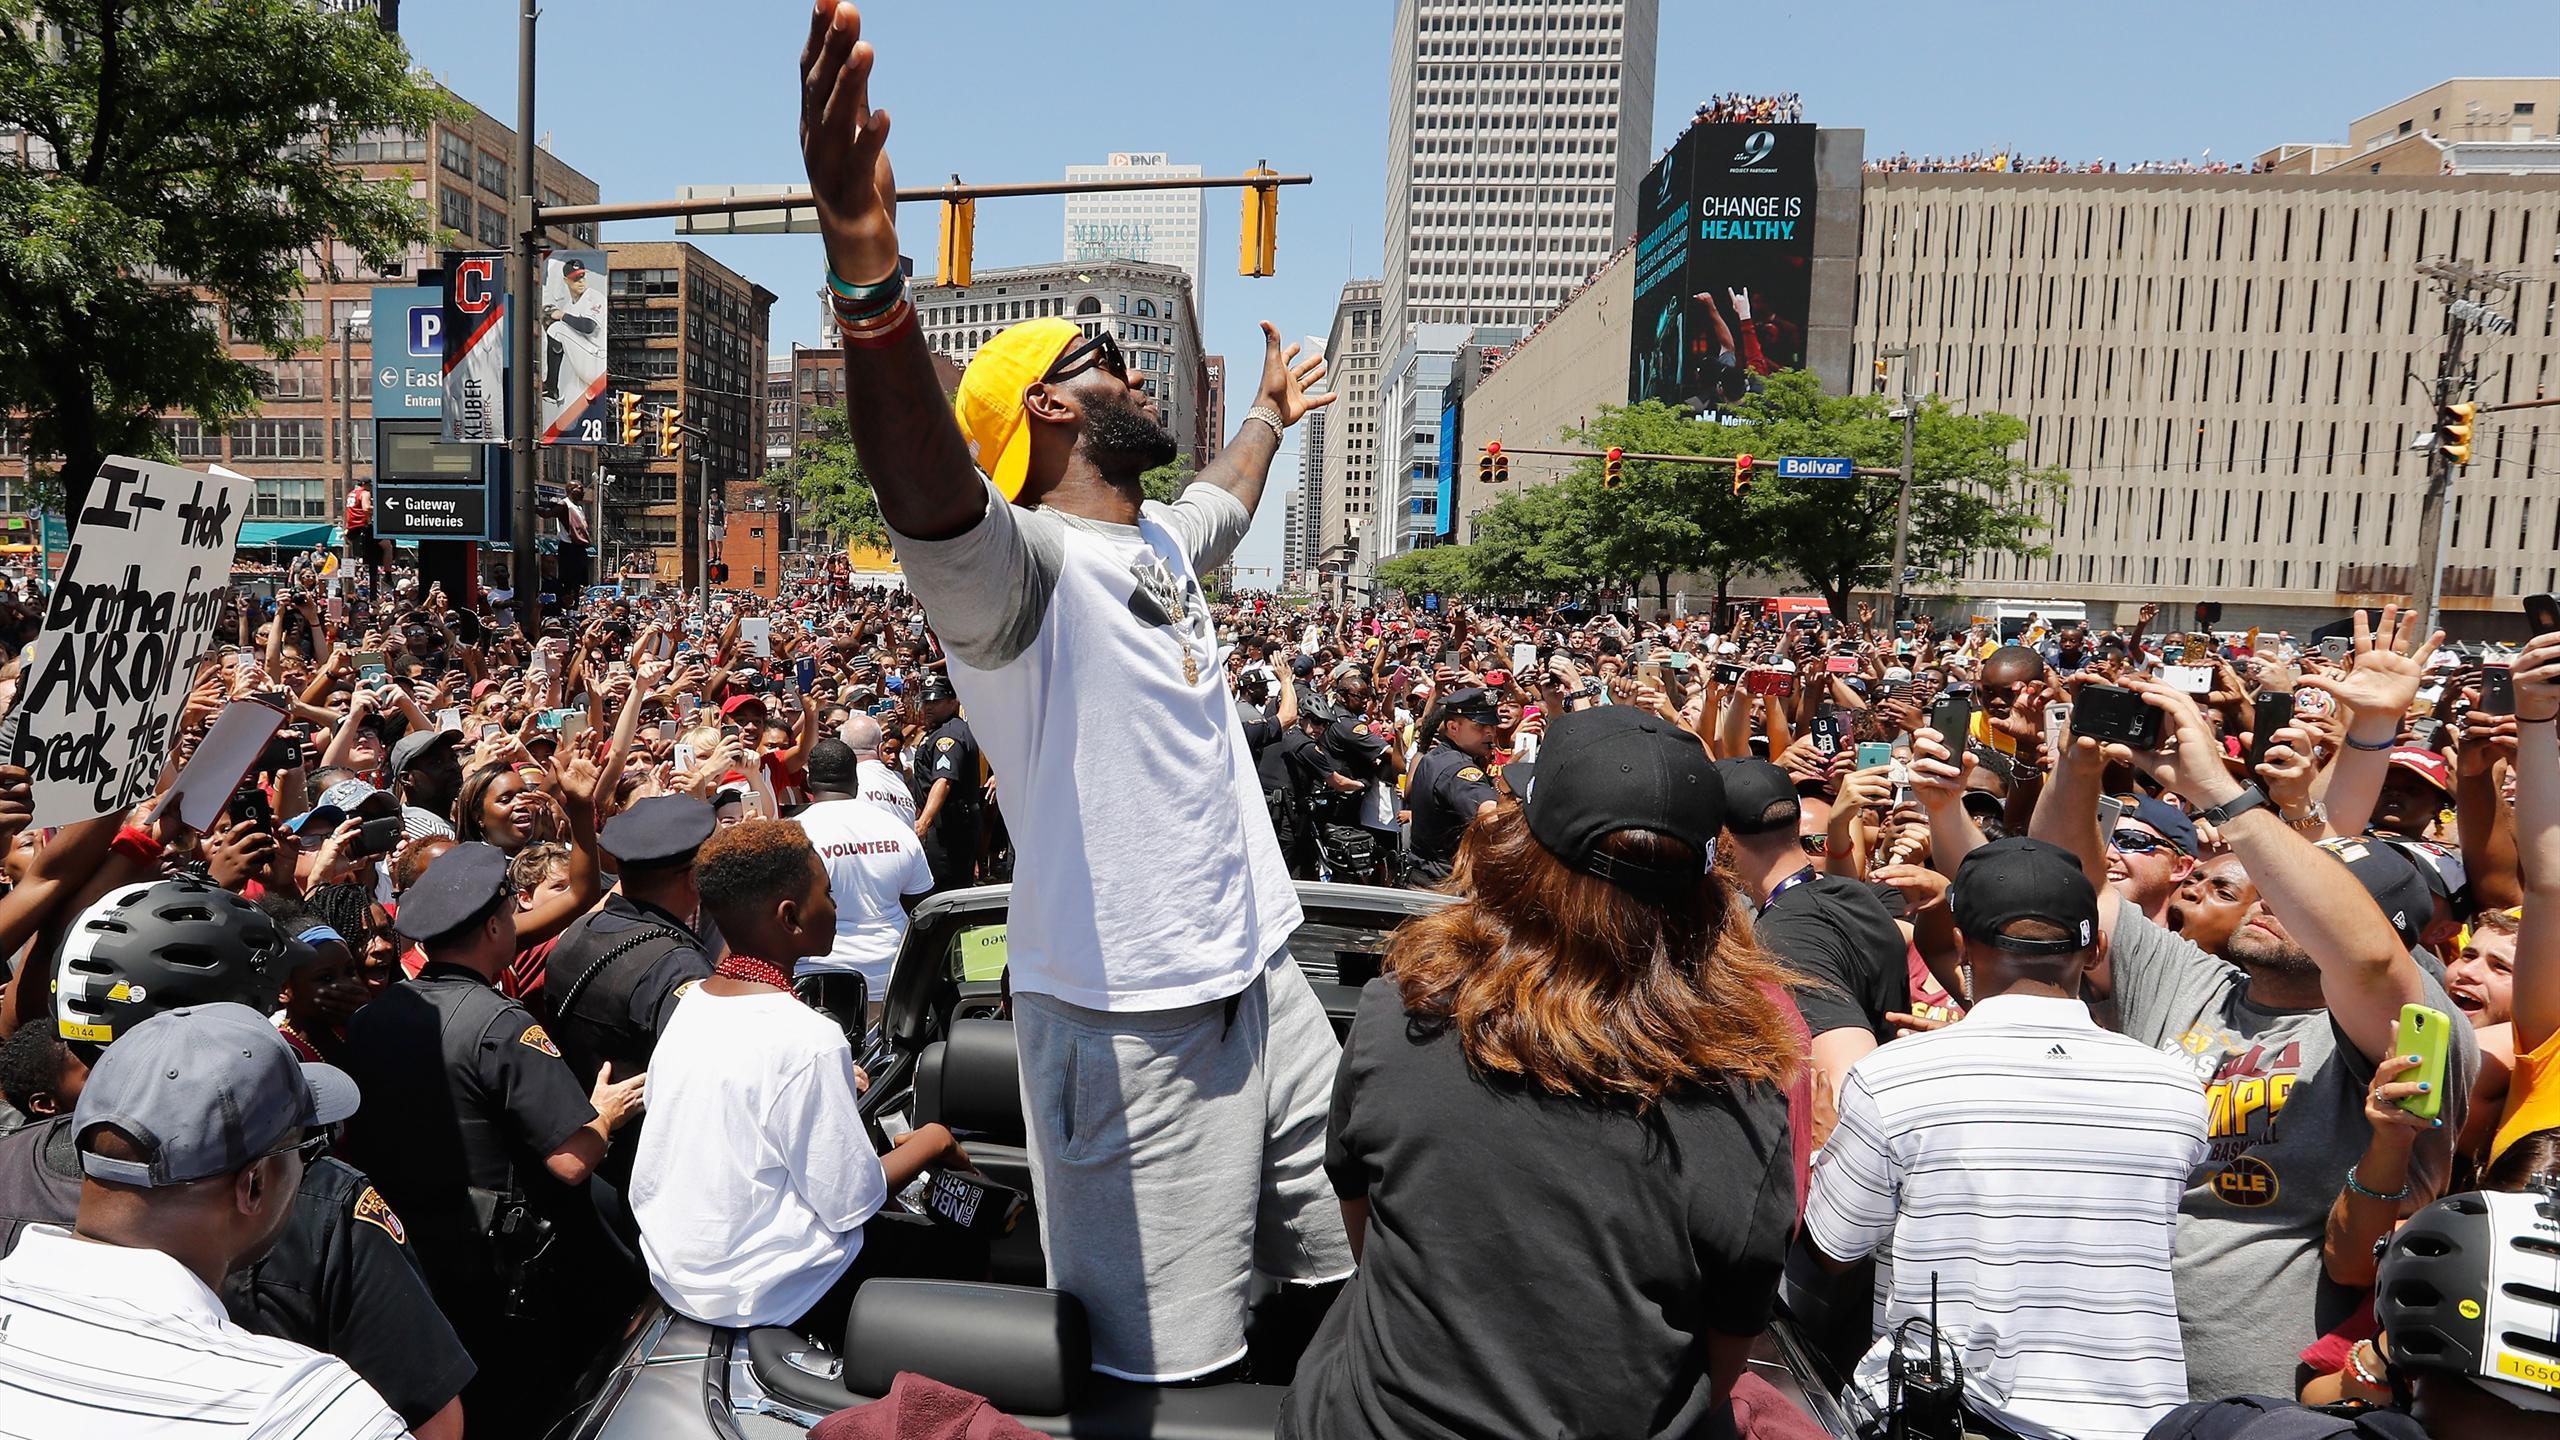 LeBron James célèbre le titre des Cavaliers au milieu d'une foule en délire dans les rues de Cleveland, mercredi 22 juin 2016